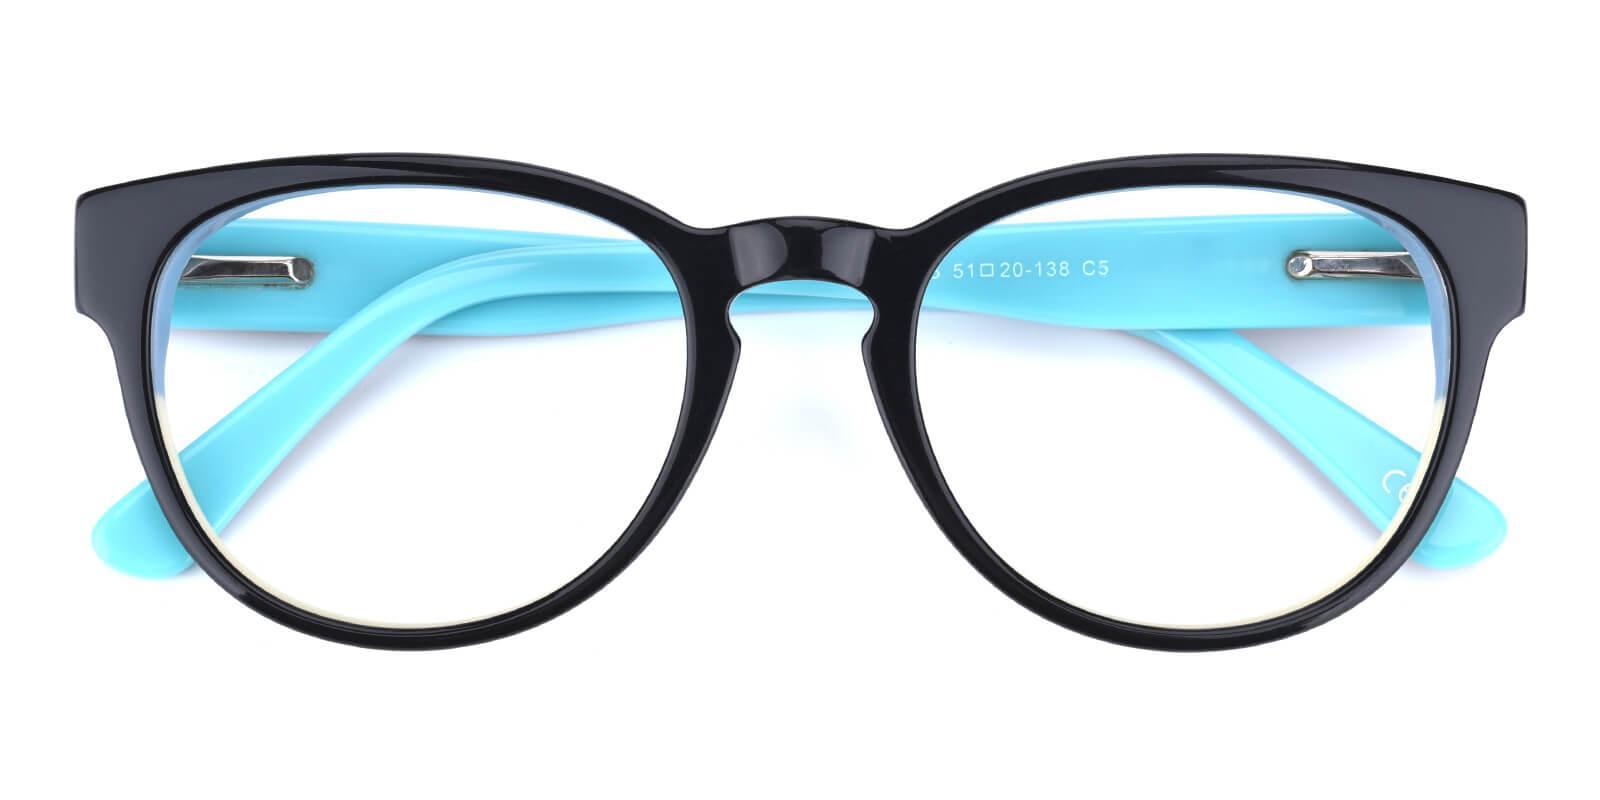 Bringmo-Blue-Round / Cat-Acetate-Eyeglasses-detail